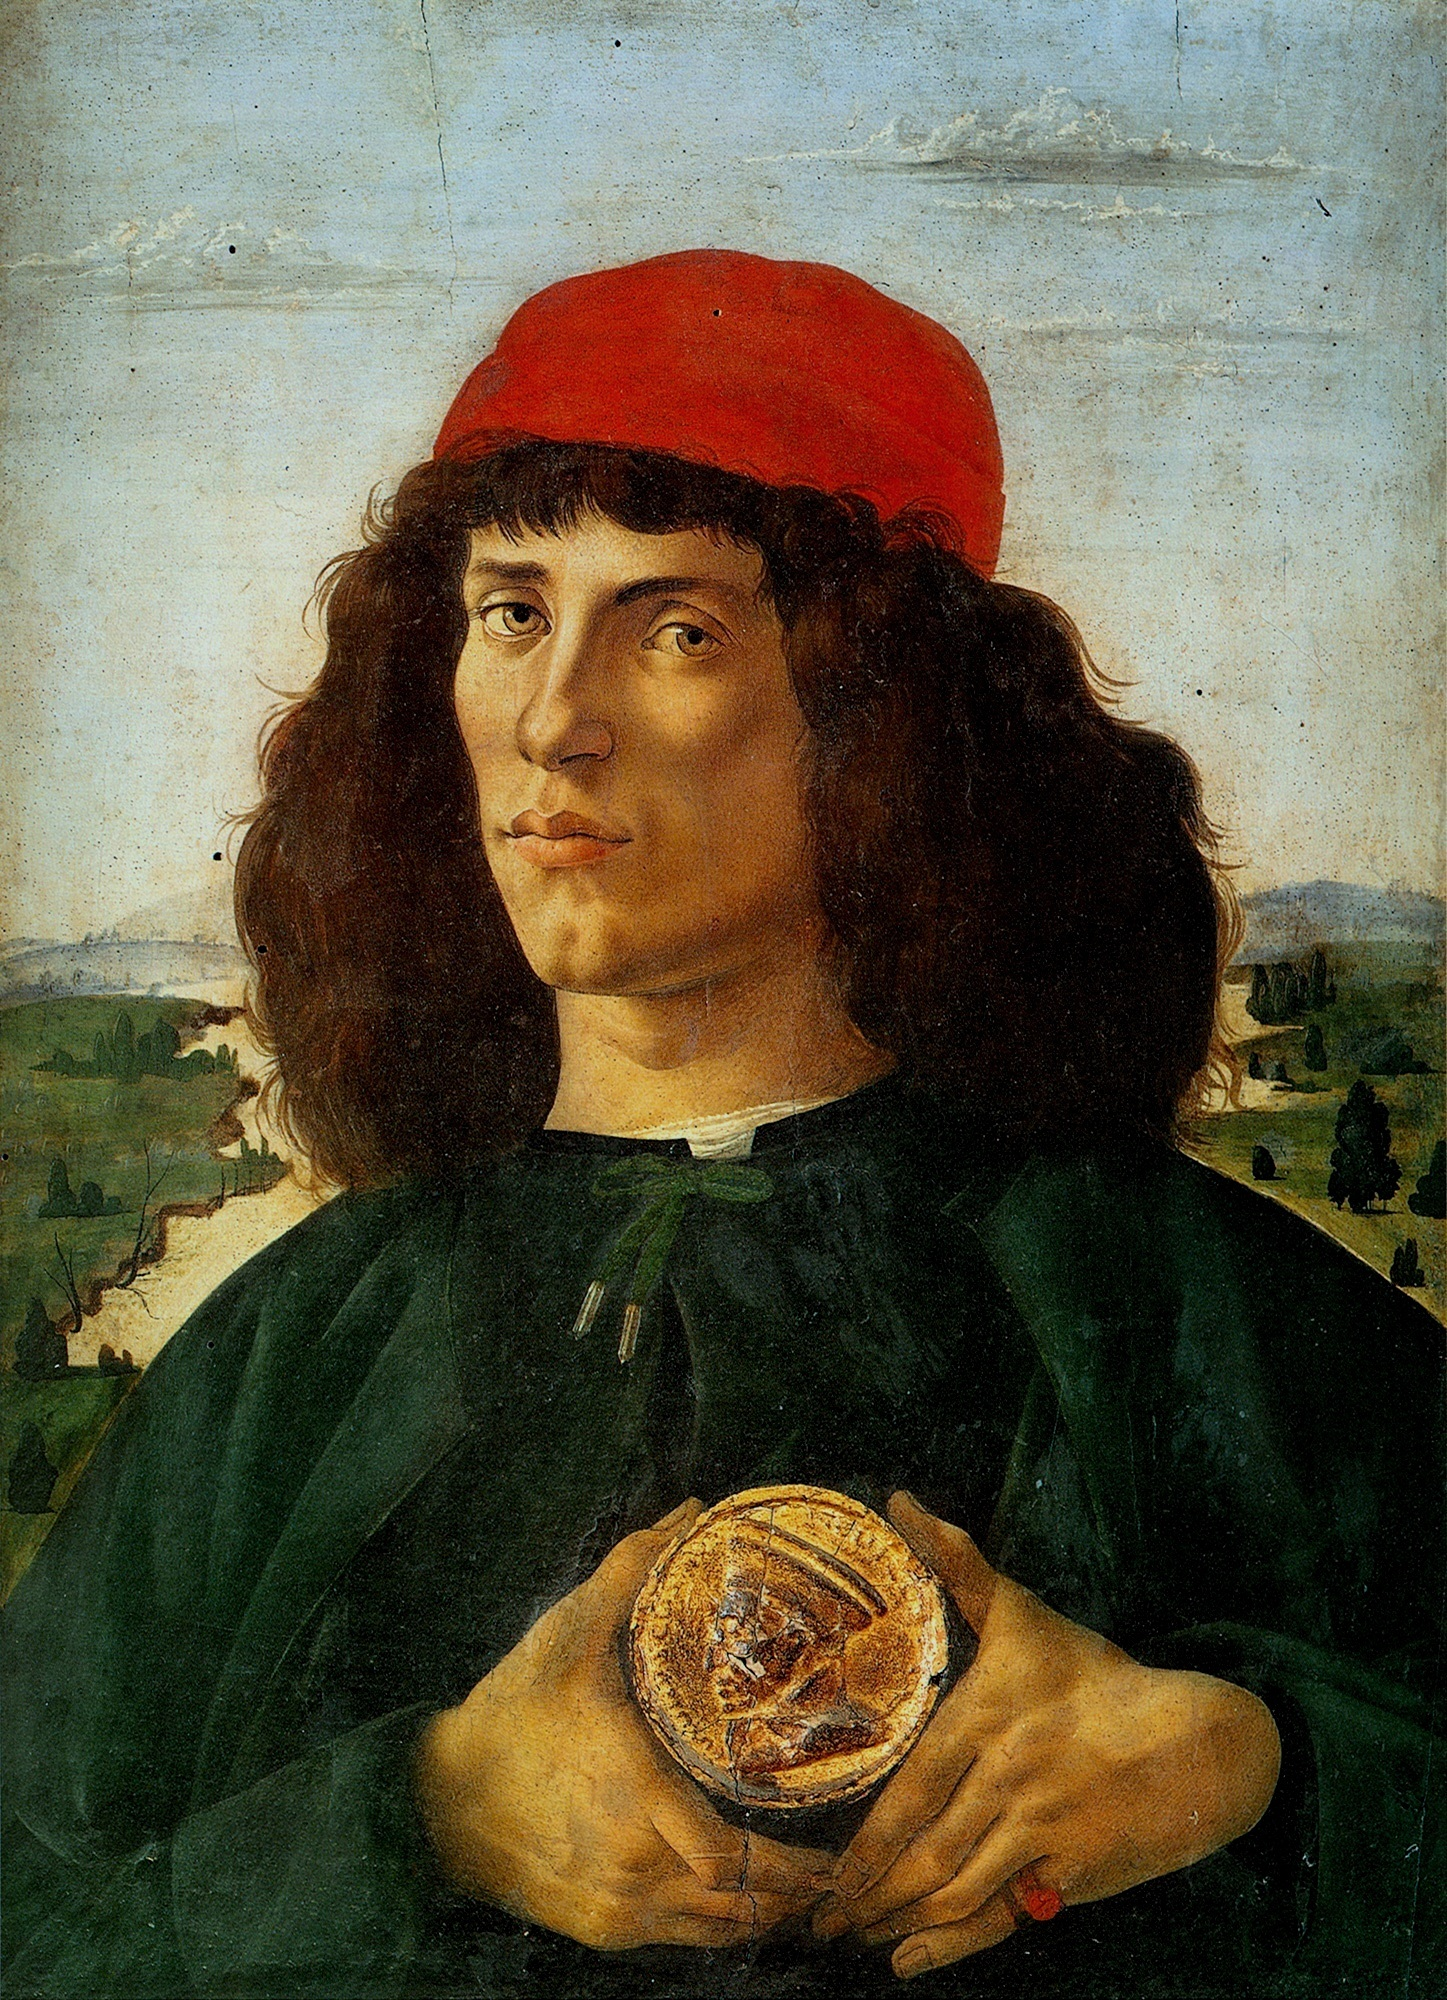 Сандро Боттичелли. Портрет мужчины с медалью. Ок.1474-75